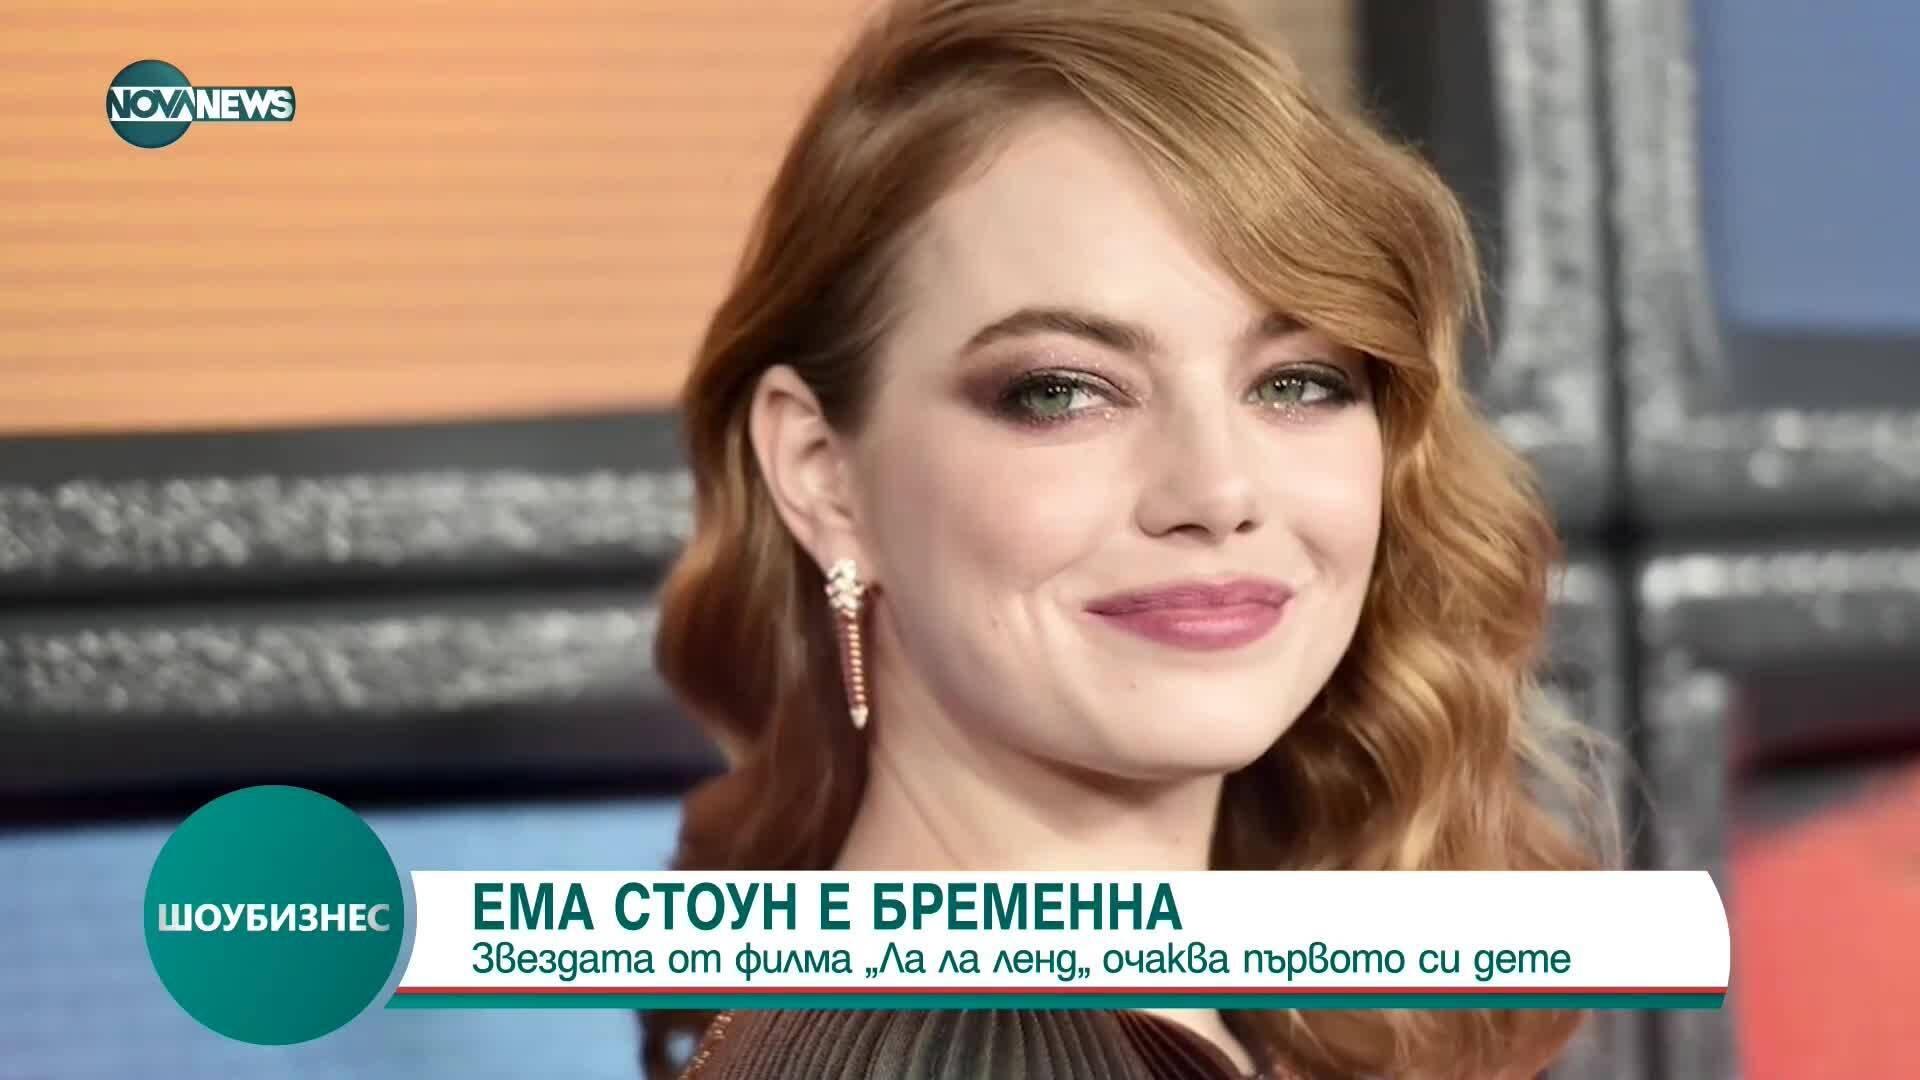 Ема Стоун е бременна